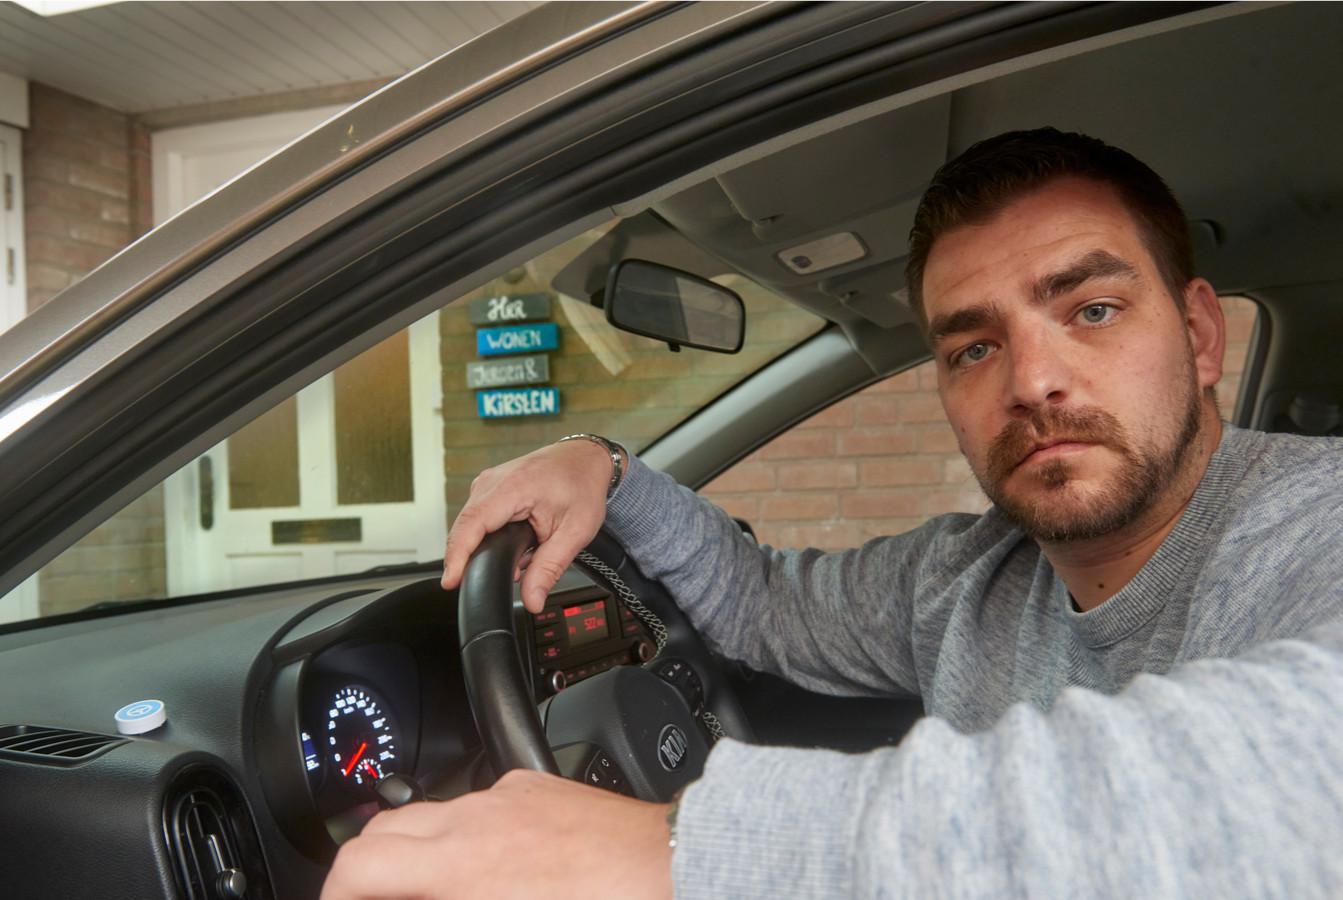 Bij de voordeur hangt nog steeds het bordje 'Hier wonen Jeroen & Kirsten'. Op het dashbord in de auto de SaveDrivePod; het kleine witte ronde doosje, waarmee een telefoonscherm in de auto niet kan worden gebruikt.